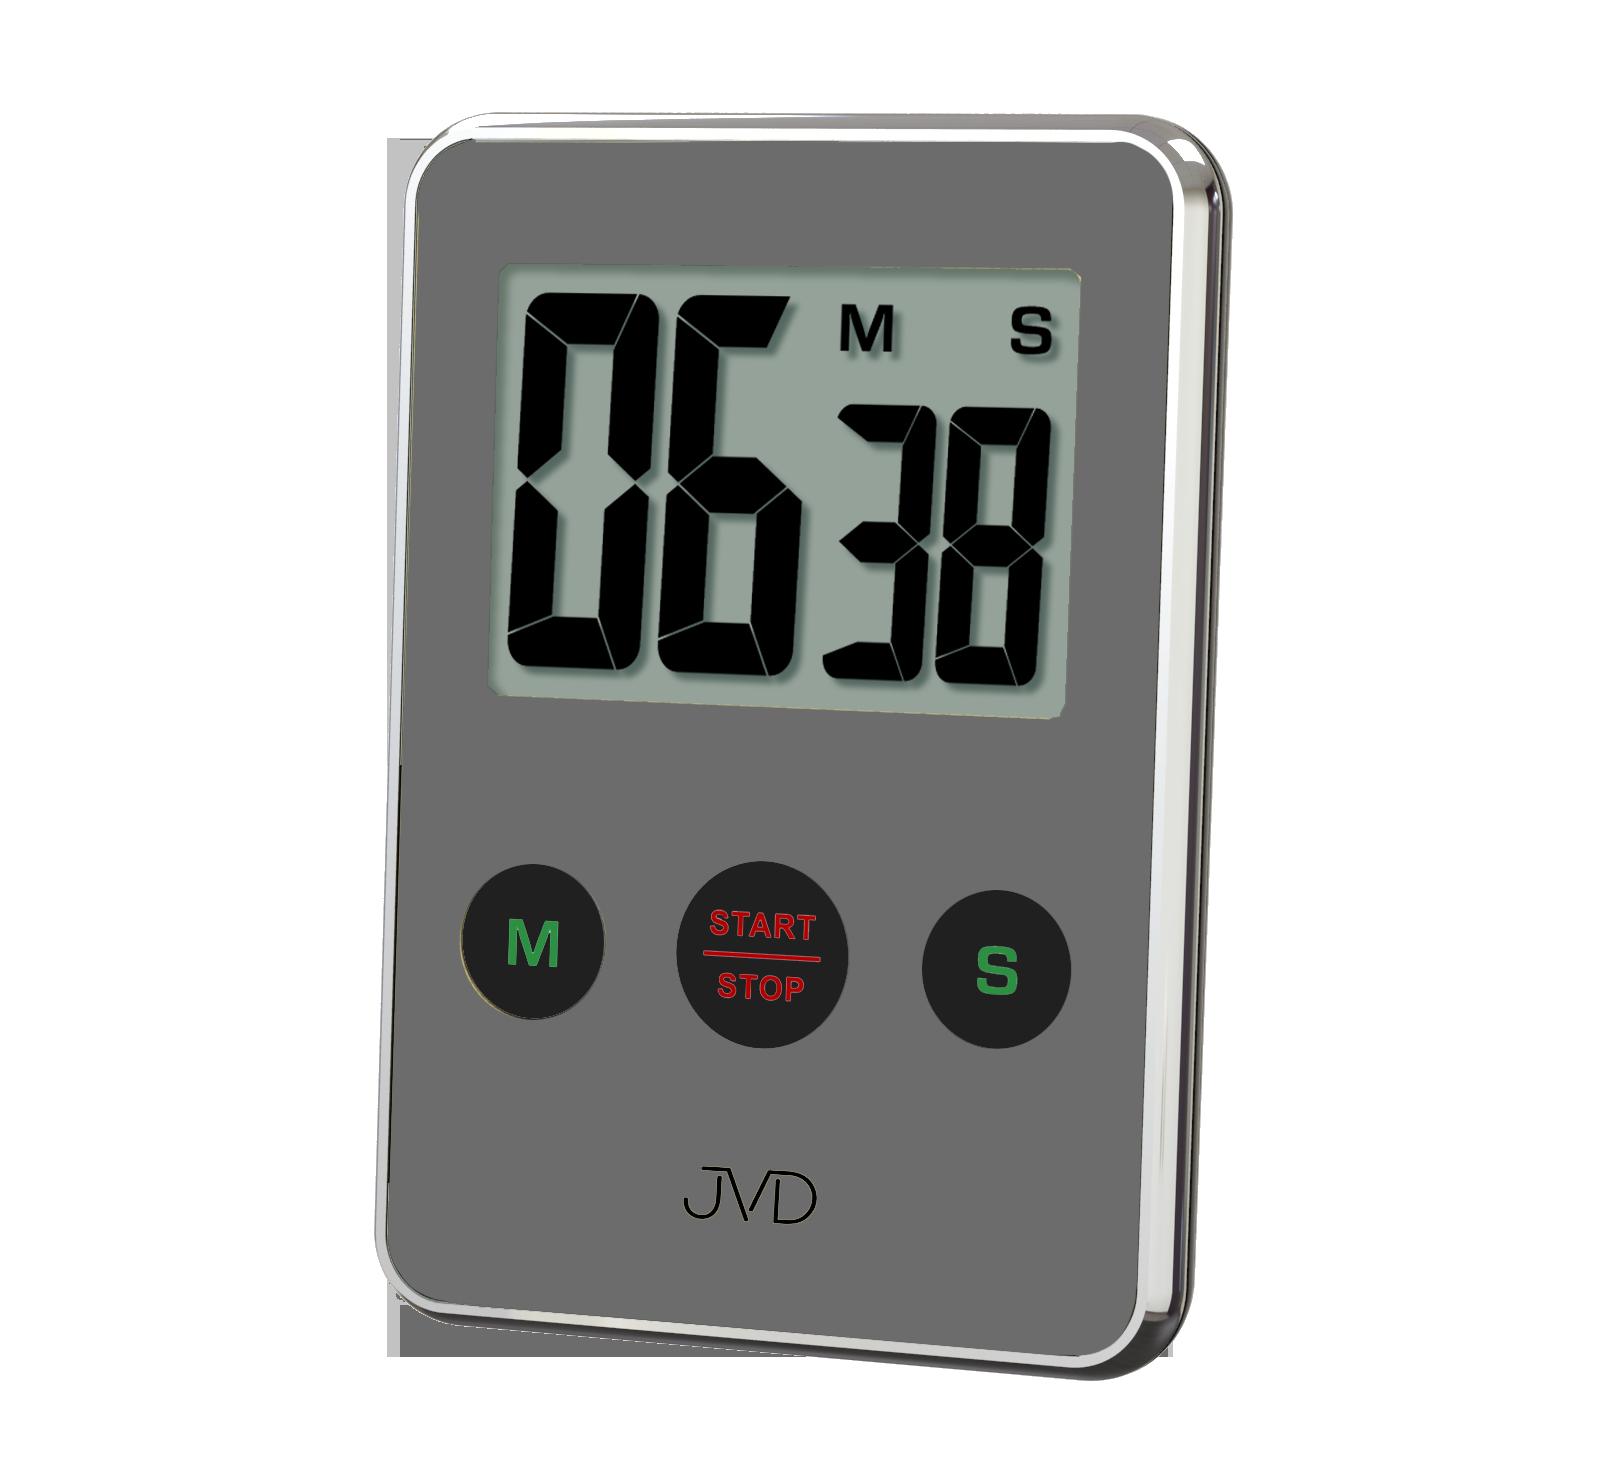 Designová digitální minutka JVD DM9206.4 s odpočtem času